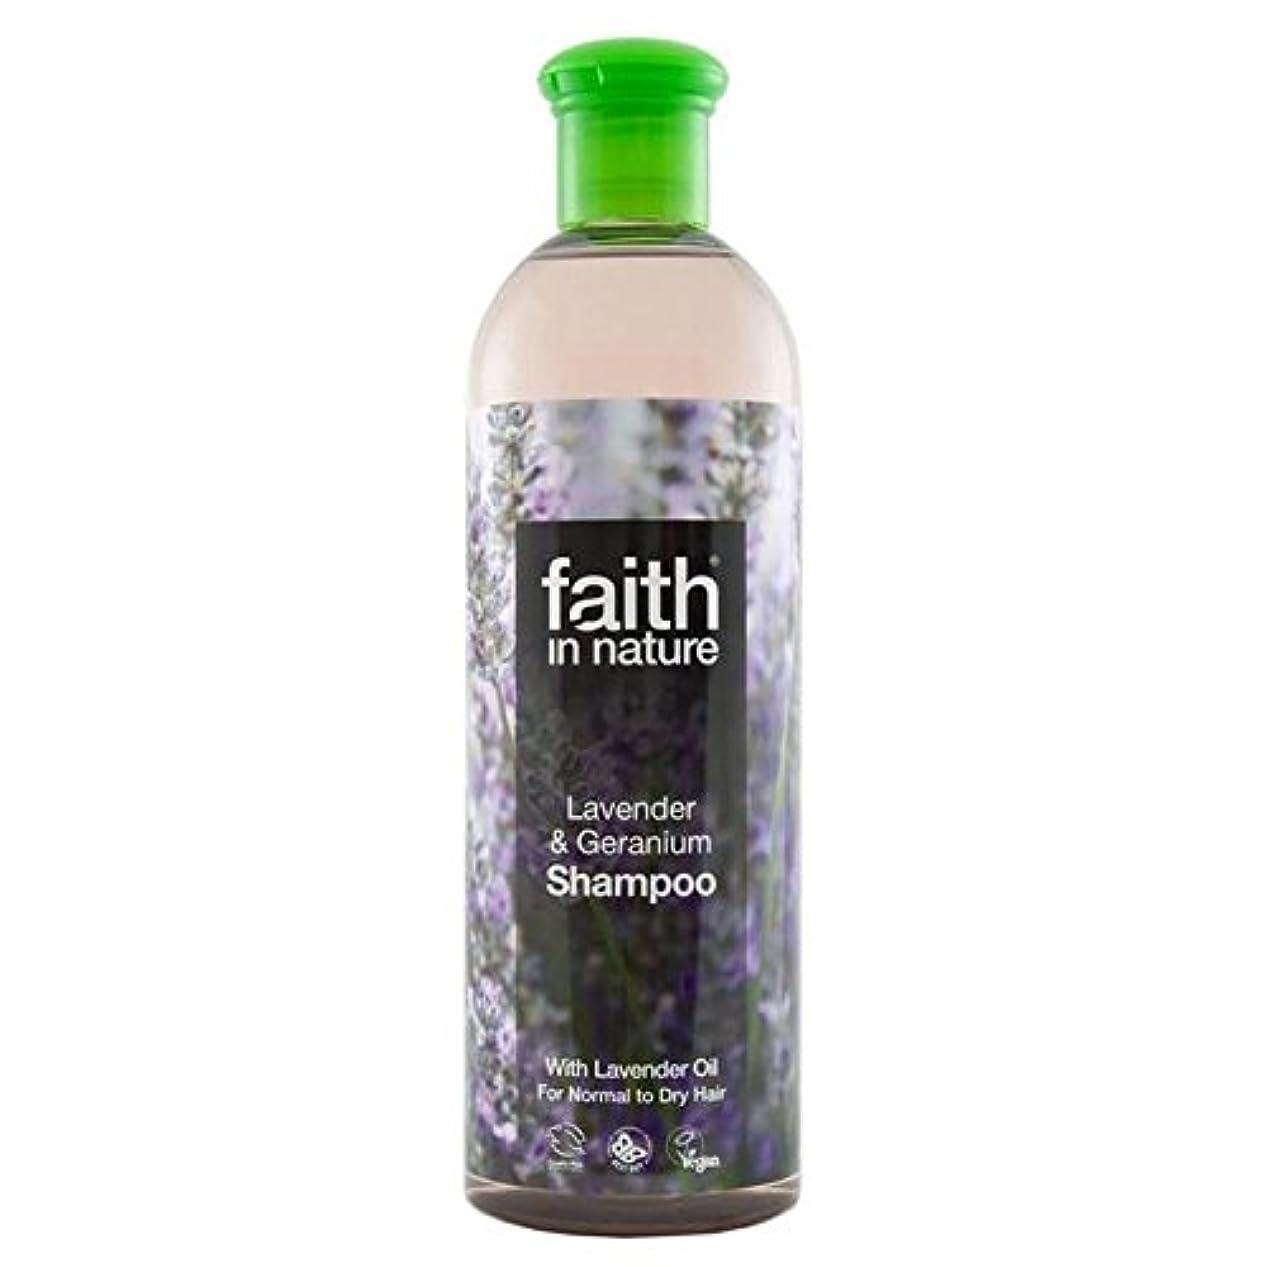 恨み感じスキルFaith in Nature Lavender & Geranium Shampoo 740ml (Pack of 6) - (Faith In Nature) 自然ラベンダー&ゼラニウムのシャンプー740ミリリットルの信仰 (x6) [並行輸入品]